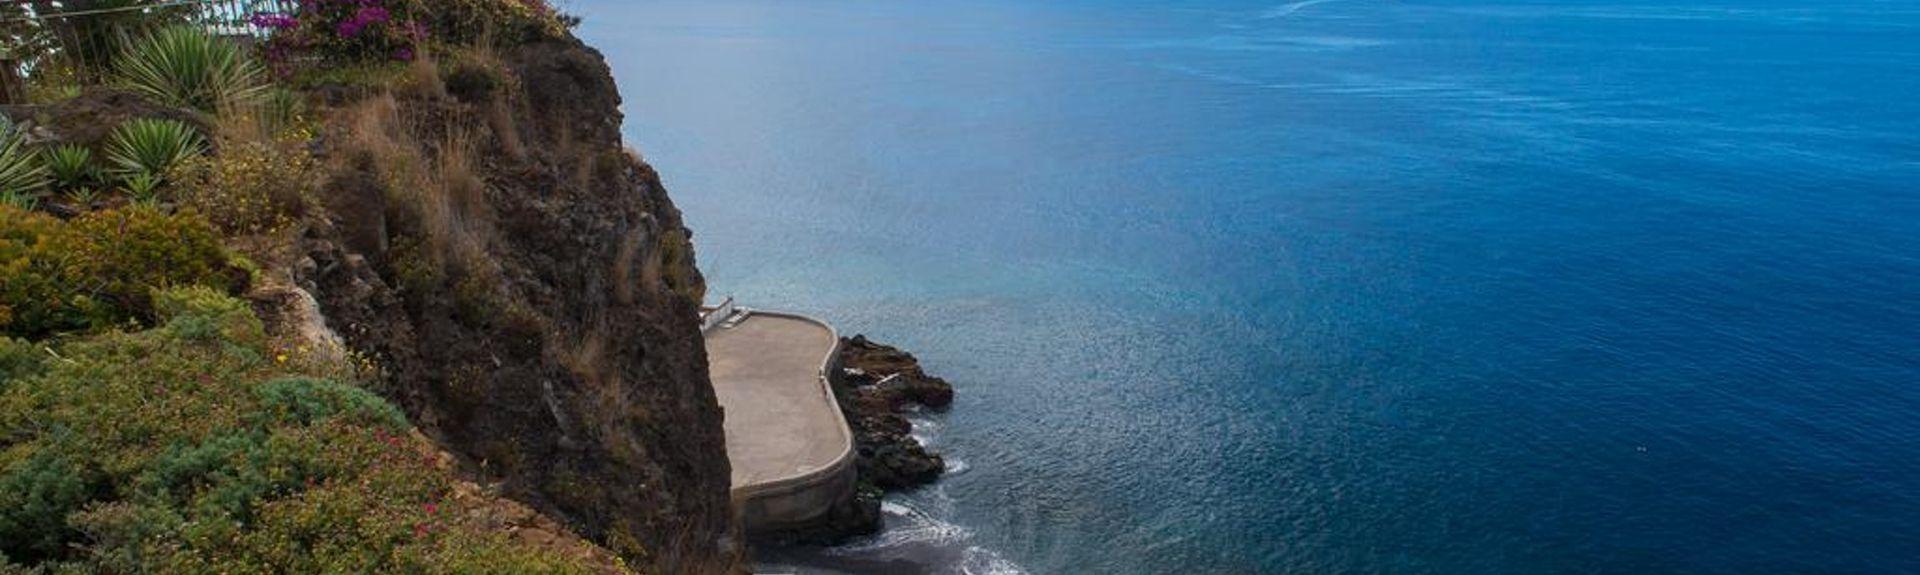 Grutas e Centro do Vulcanismo de São Vicente, São Vicente, Região Autónoma da Madeira, Portugal